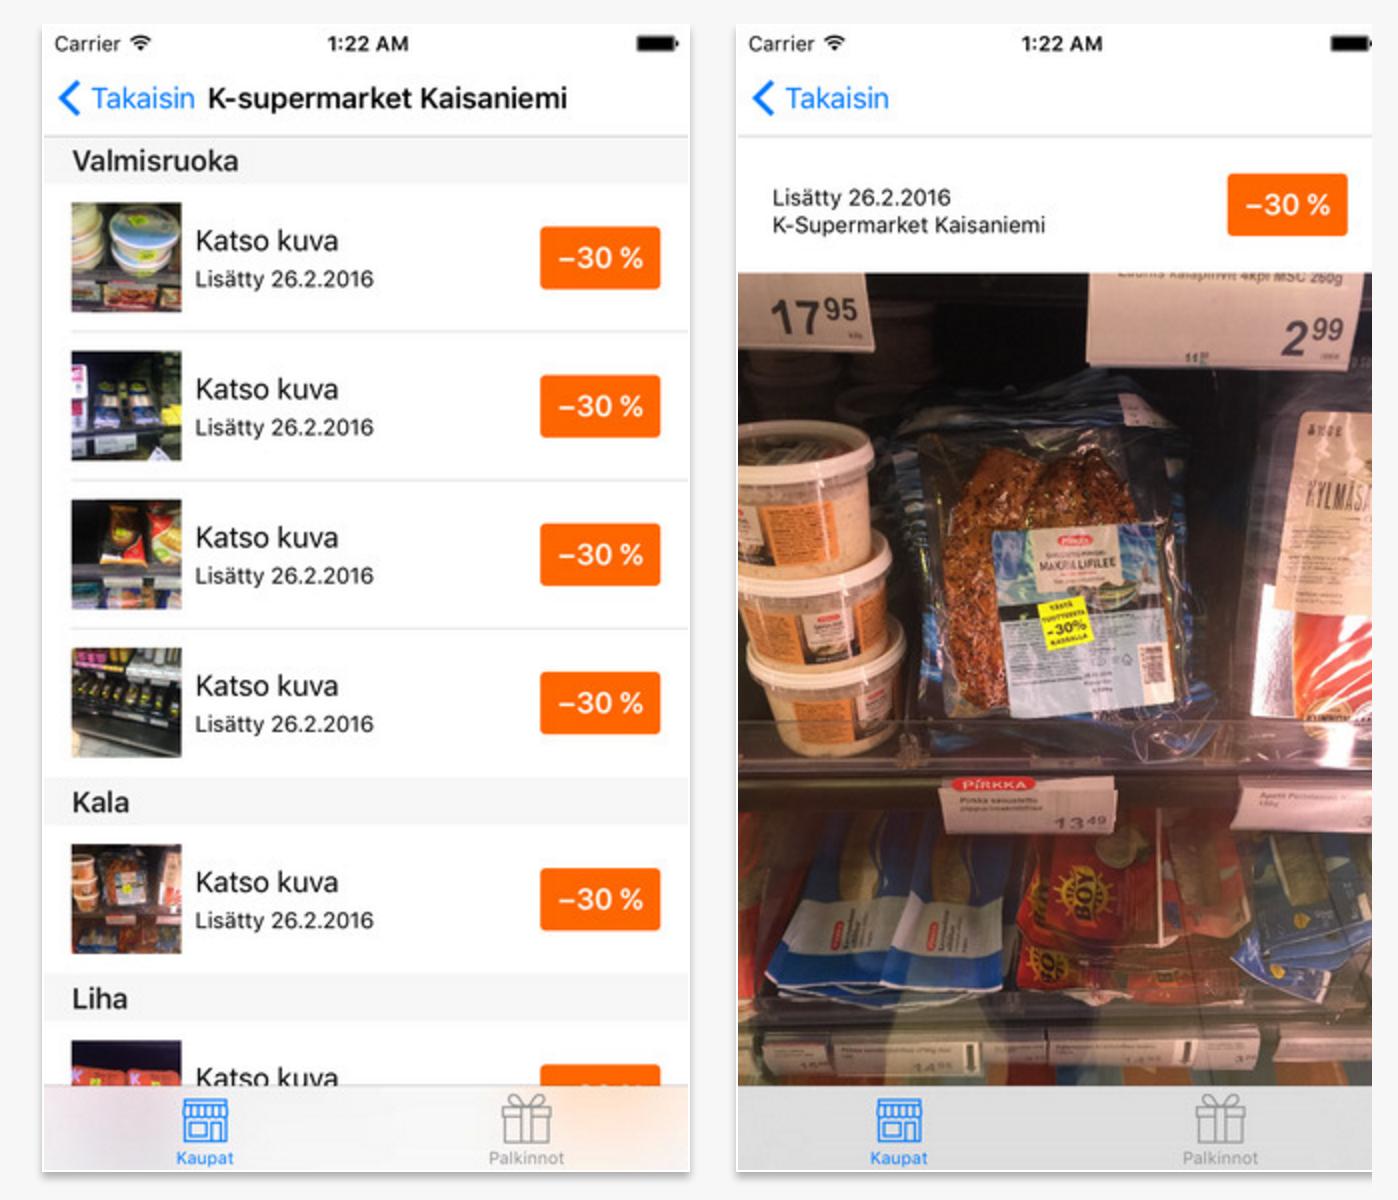 食品ロス削減に貢献する、世界のユニーク「アプリ5選」